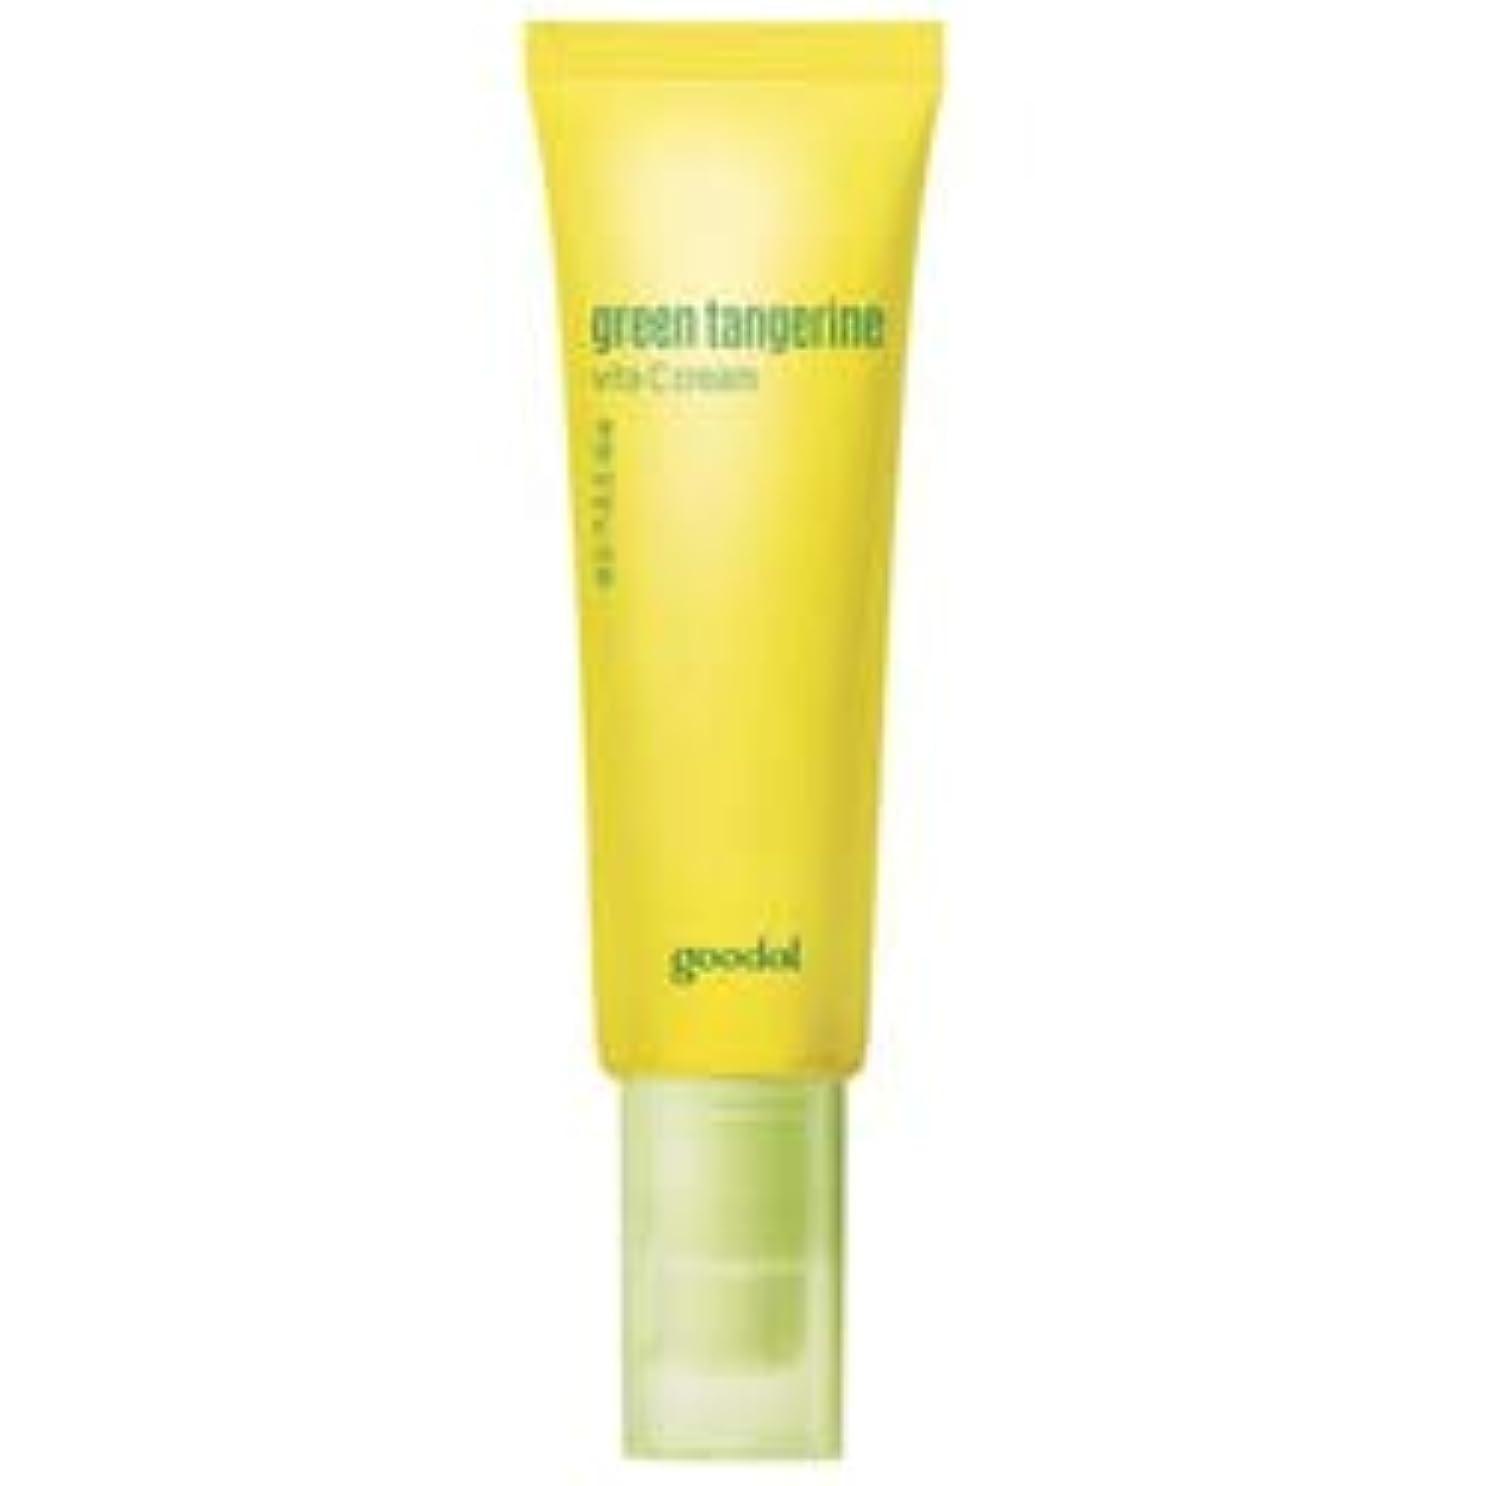 ショッキングすごい伝統的[goodal] Green Tangerine Vita C cream 50ml / [グーダル]タンジェリン ビタC クリーム 50ml [並行輸入品]